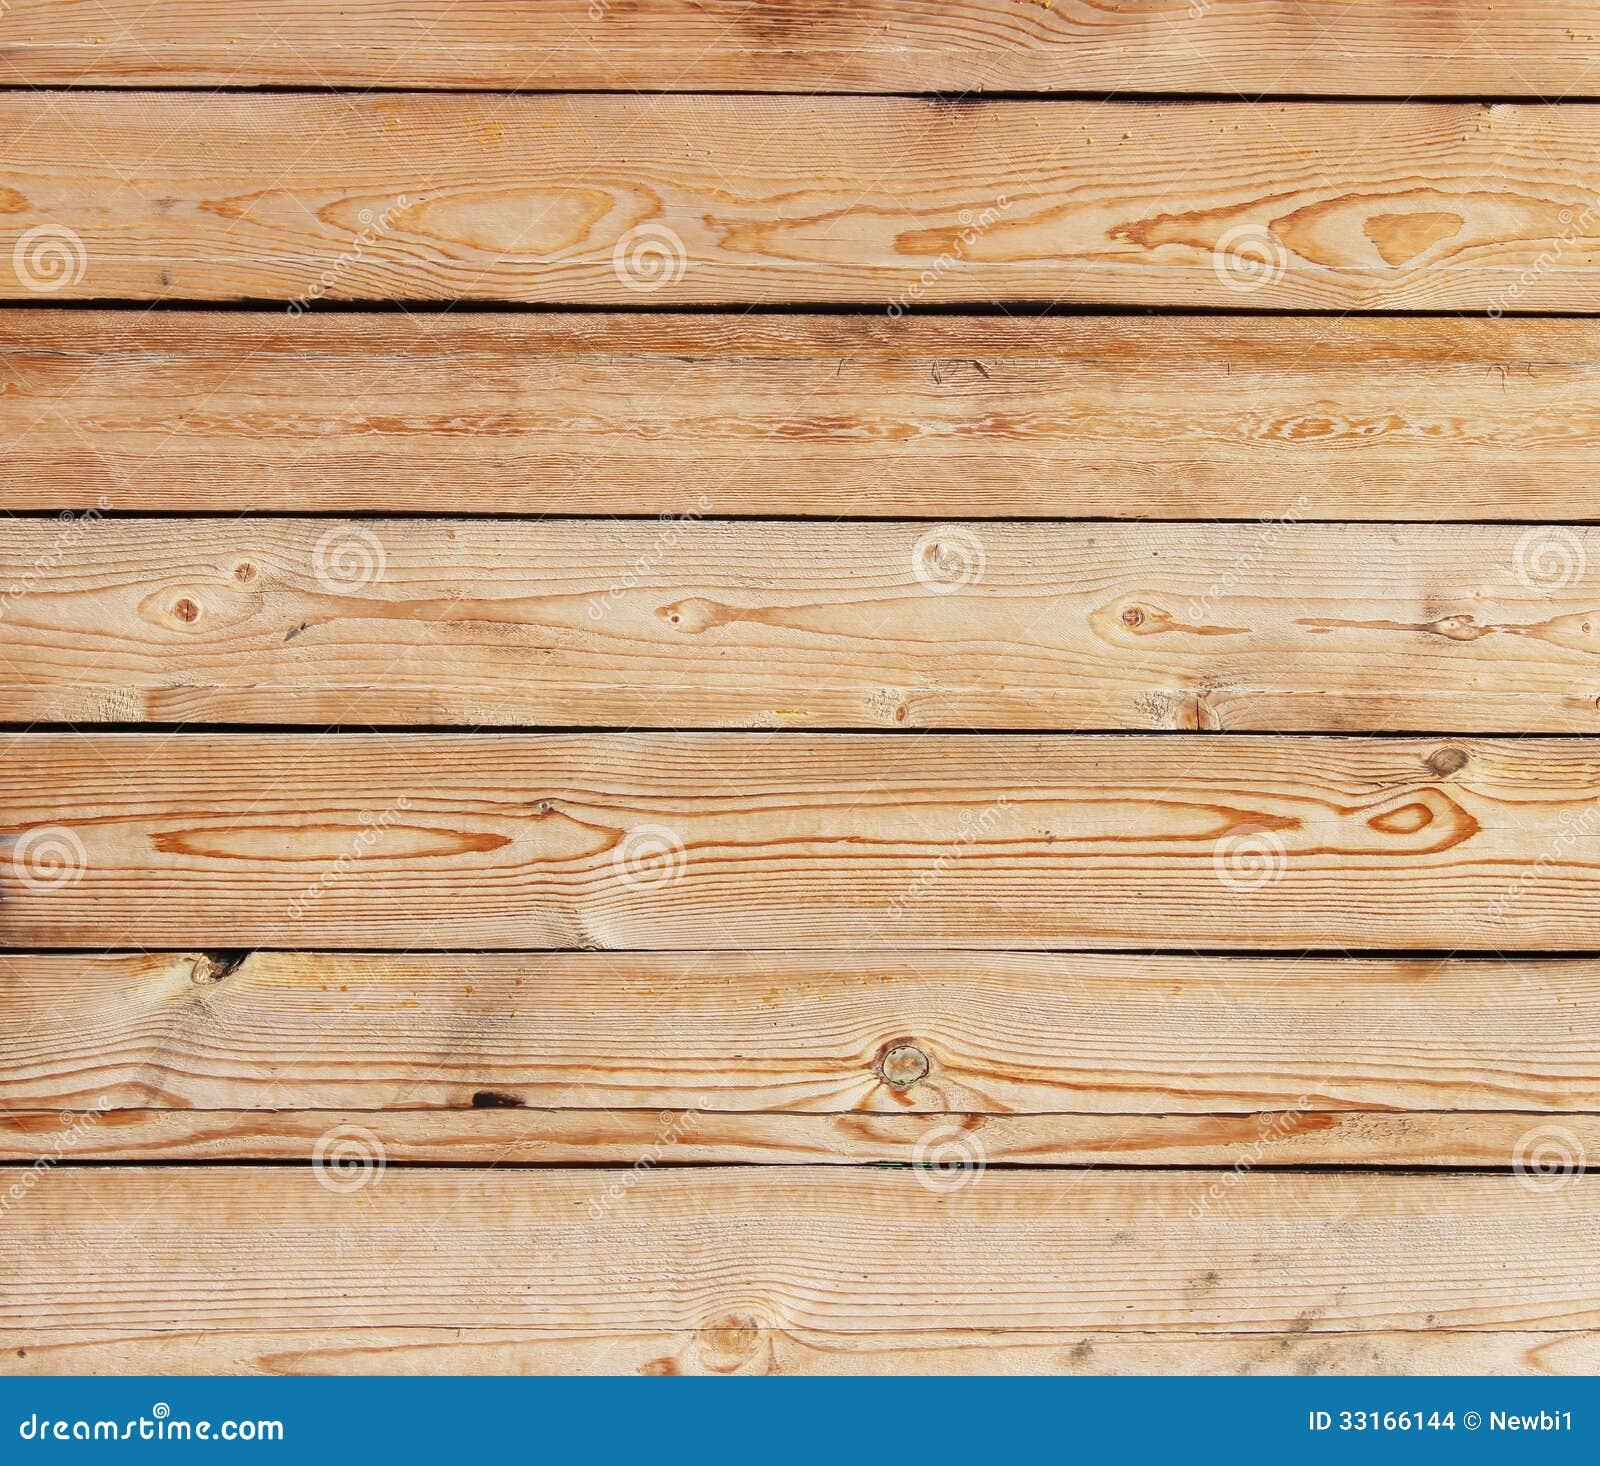 horizontal wood background - photo #10